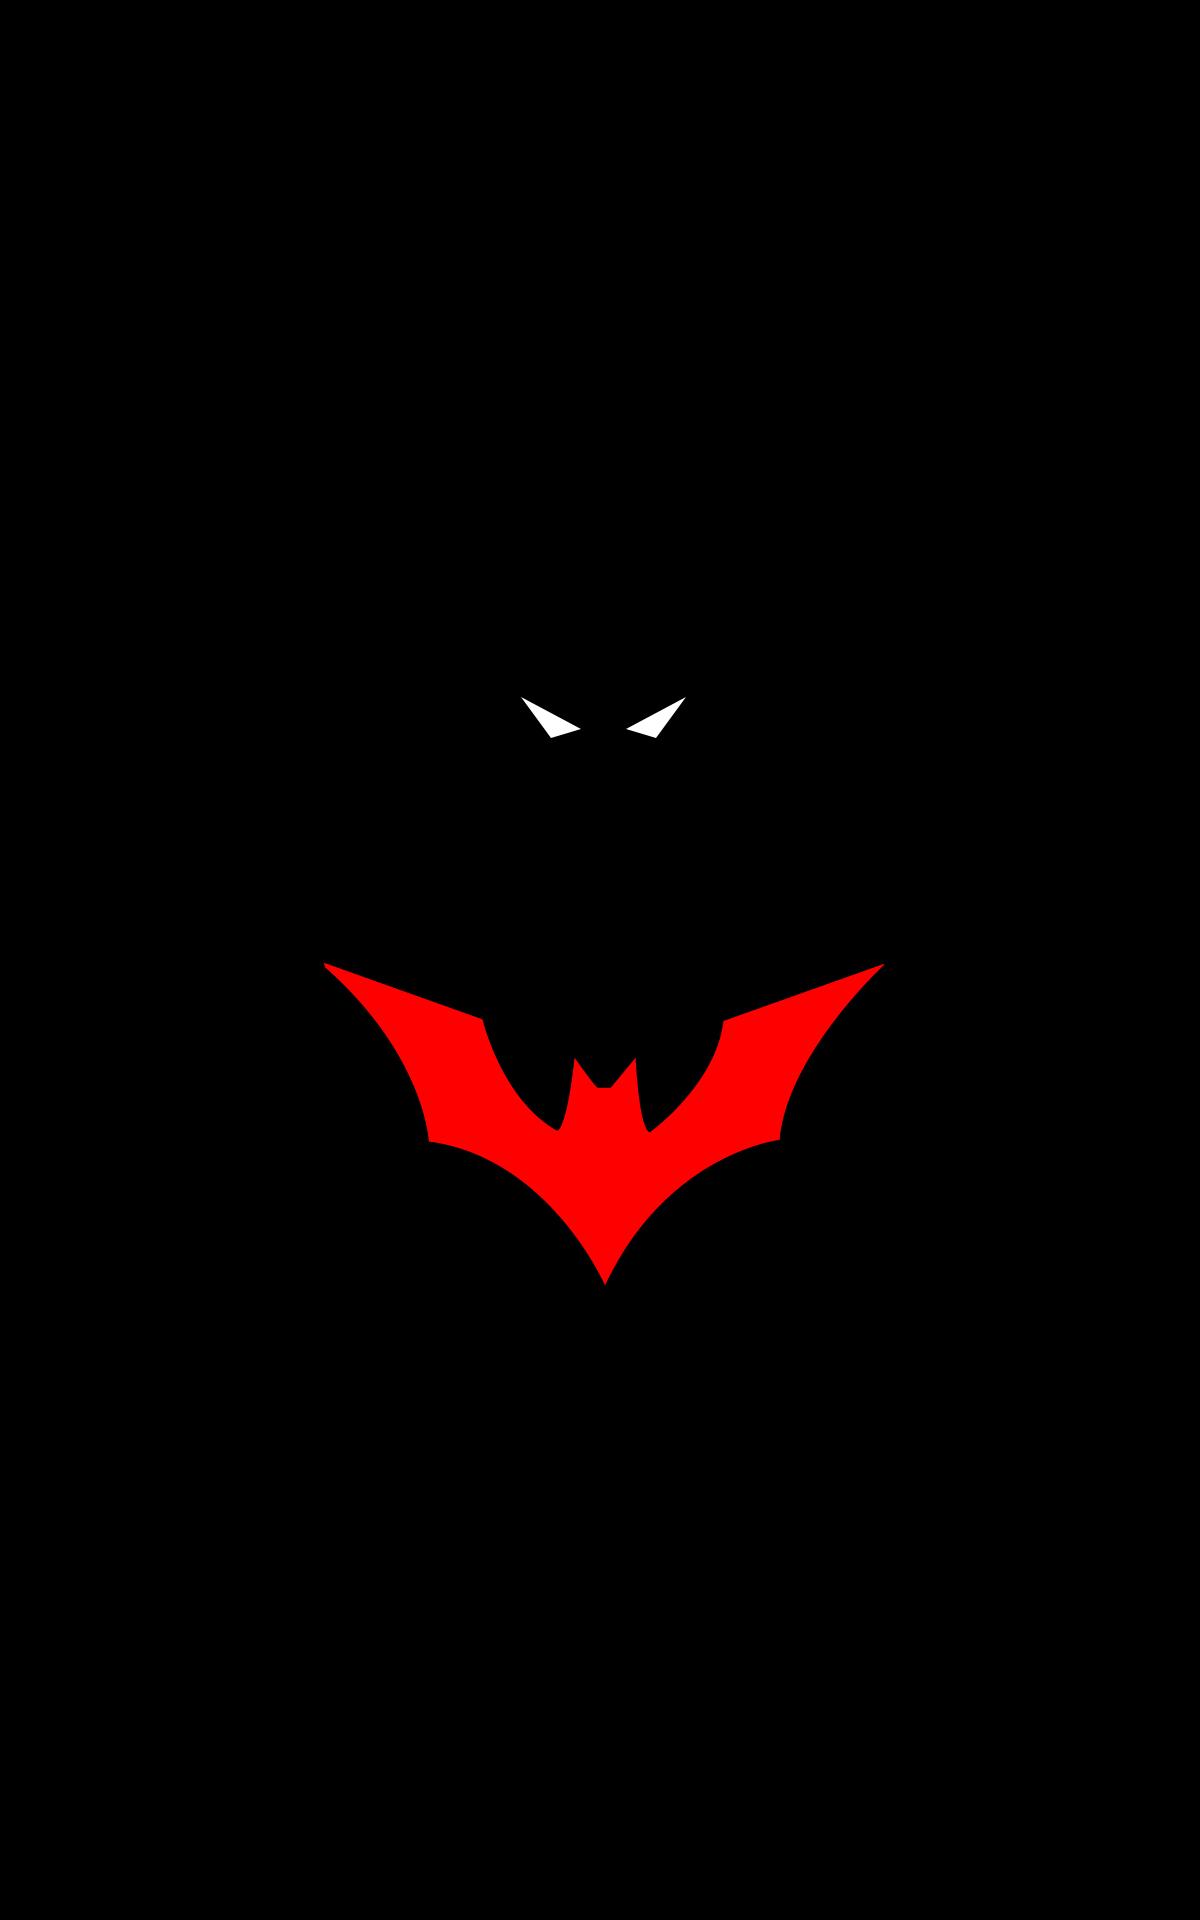 Batman Batman logo DC Comics minimalism portrait display